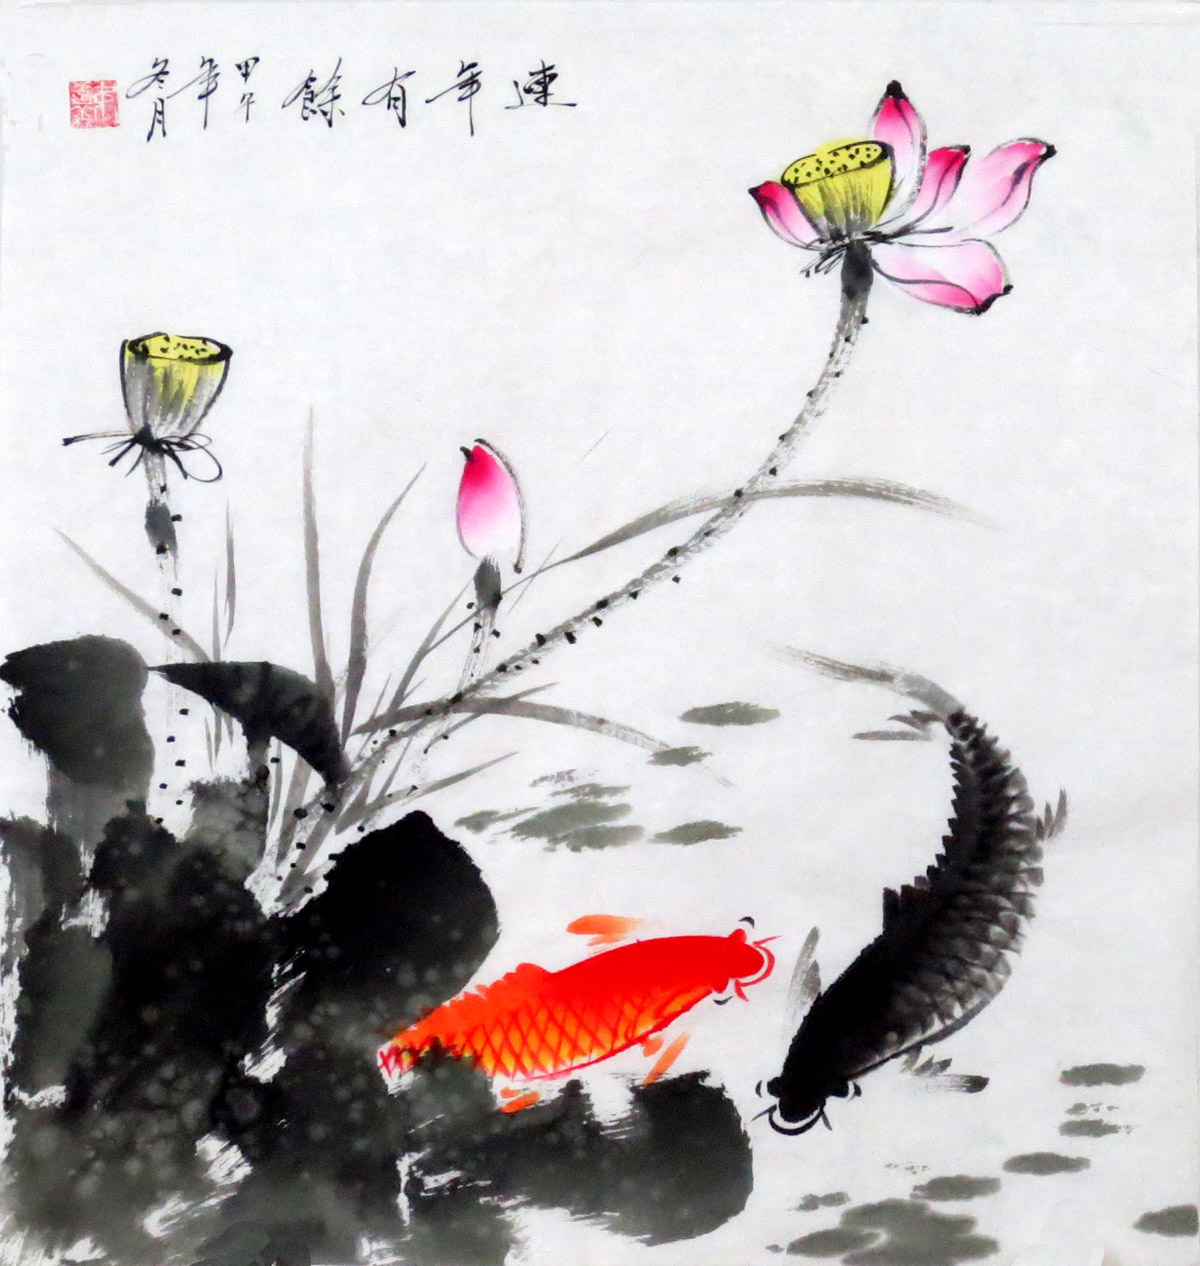 纯手绘水墨风水客厅国画字画善义三尺斗方花鸟荷花鱼yt5-2-5-48